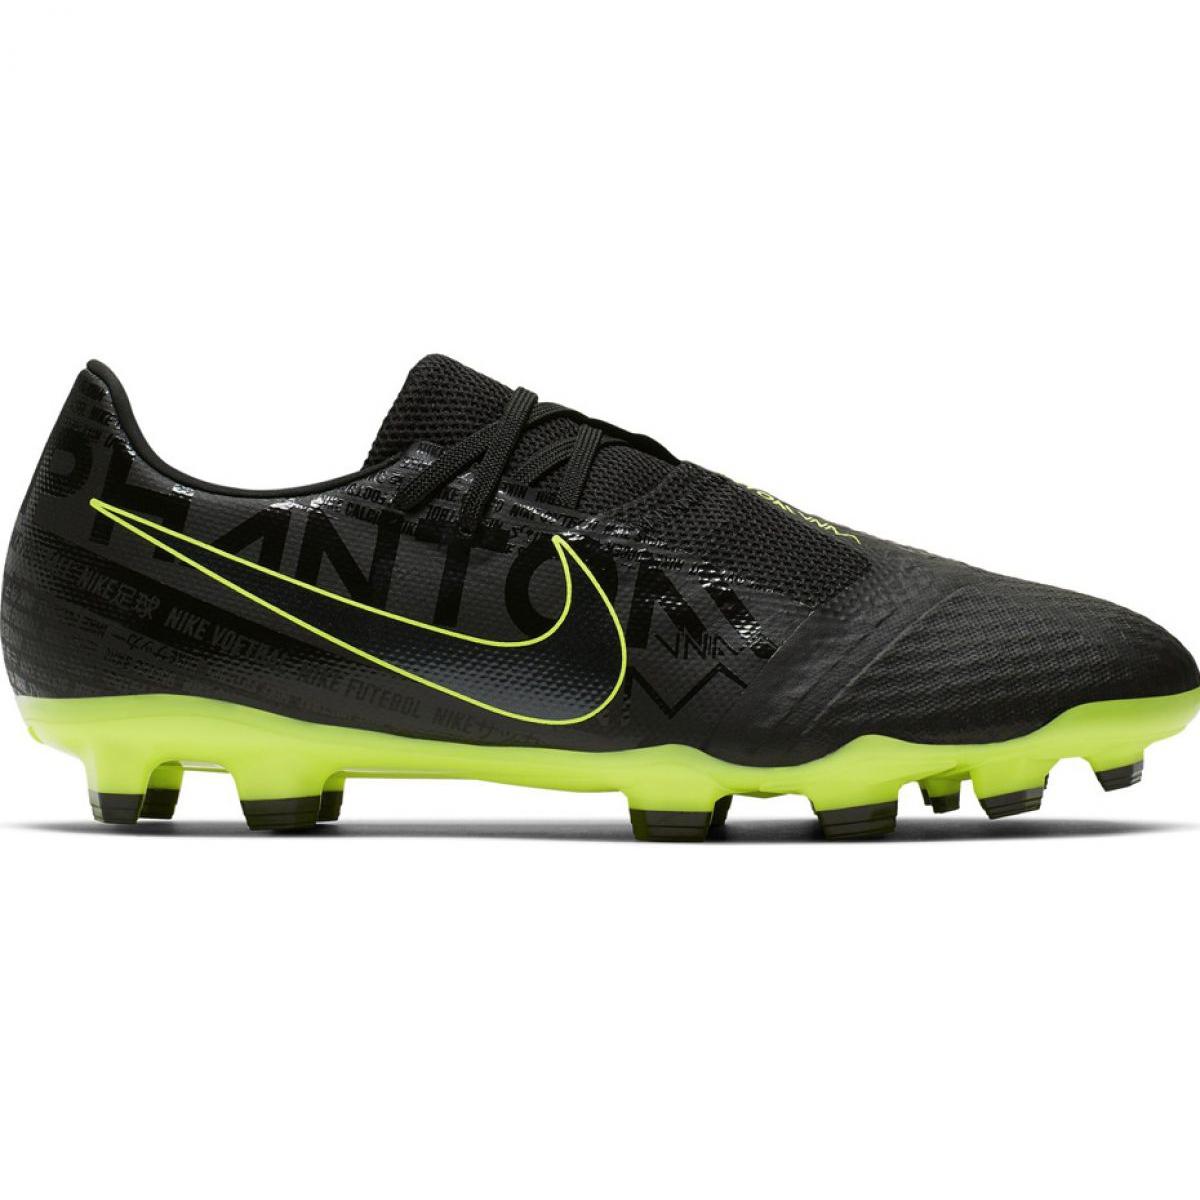 affordable price 50% off good out x Nike Phantom Venom Academy Fg M AO0566-007 Fußballschuhe schwarz schwarz